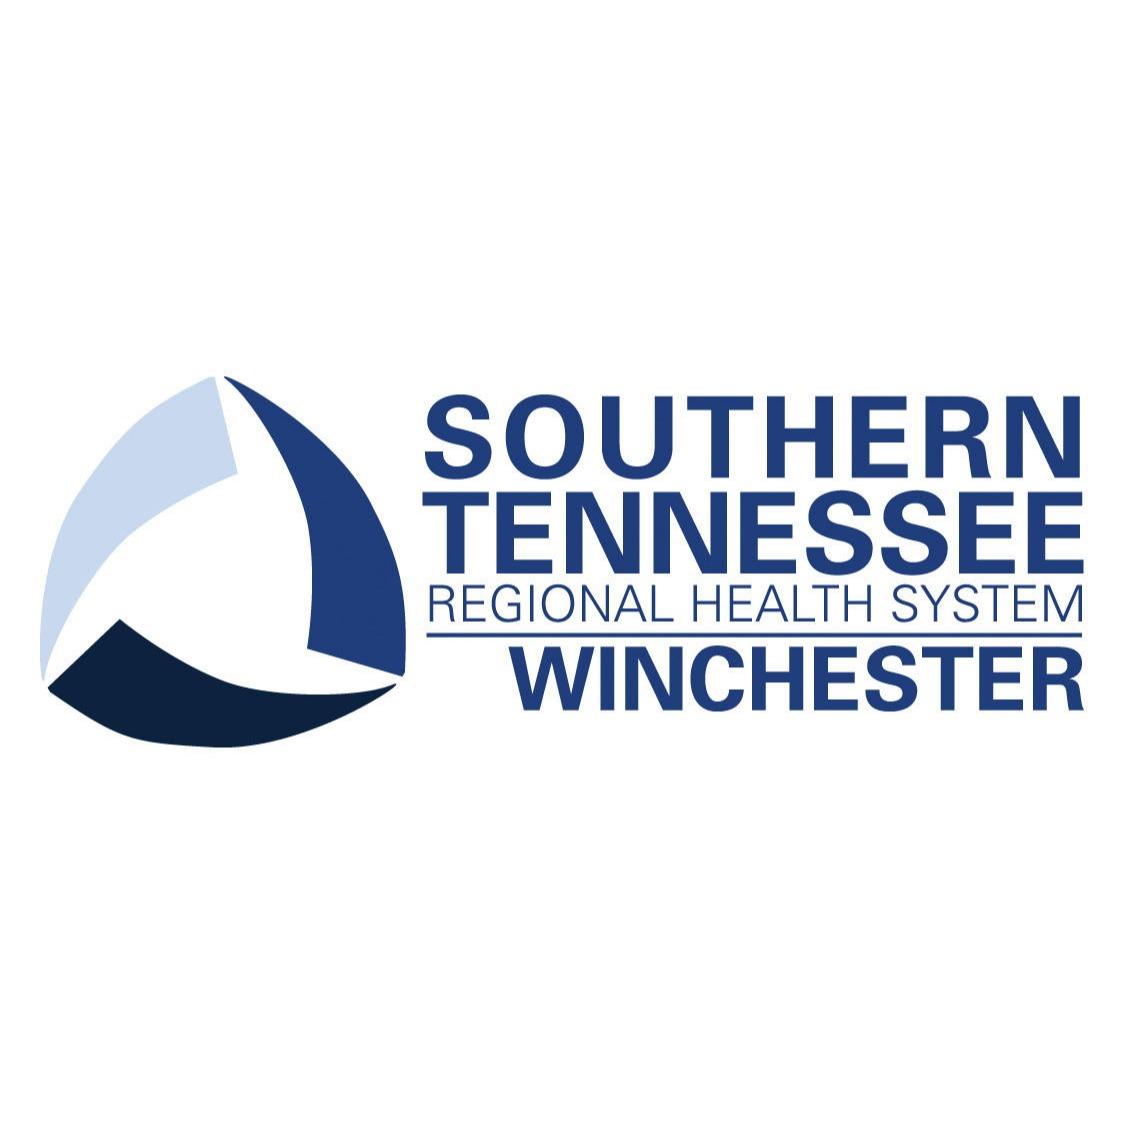 southern tn regional health system